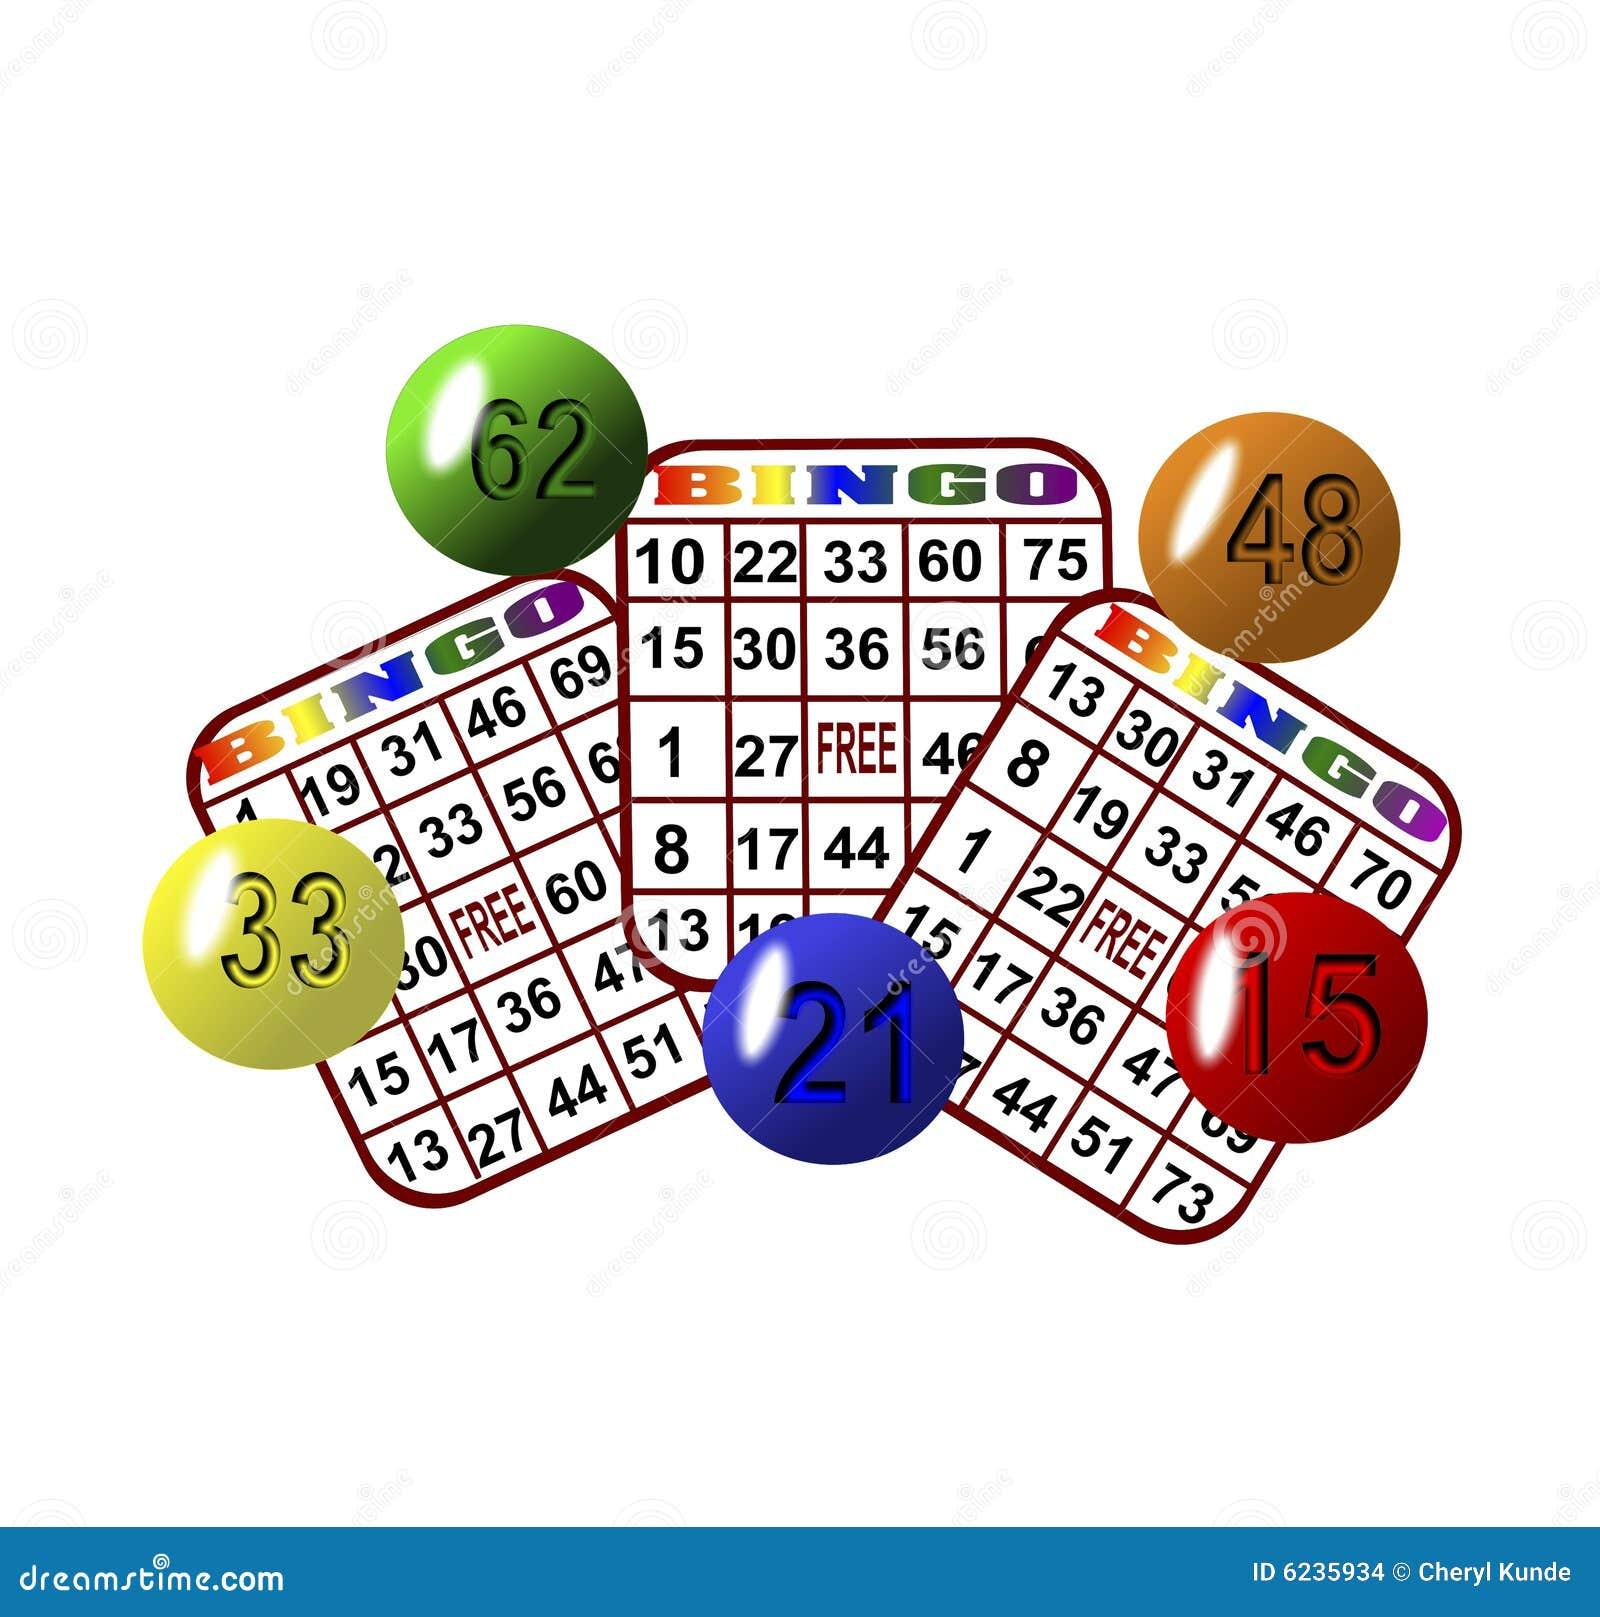 3 bingo